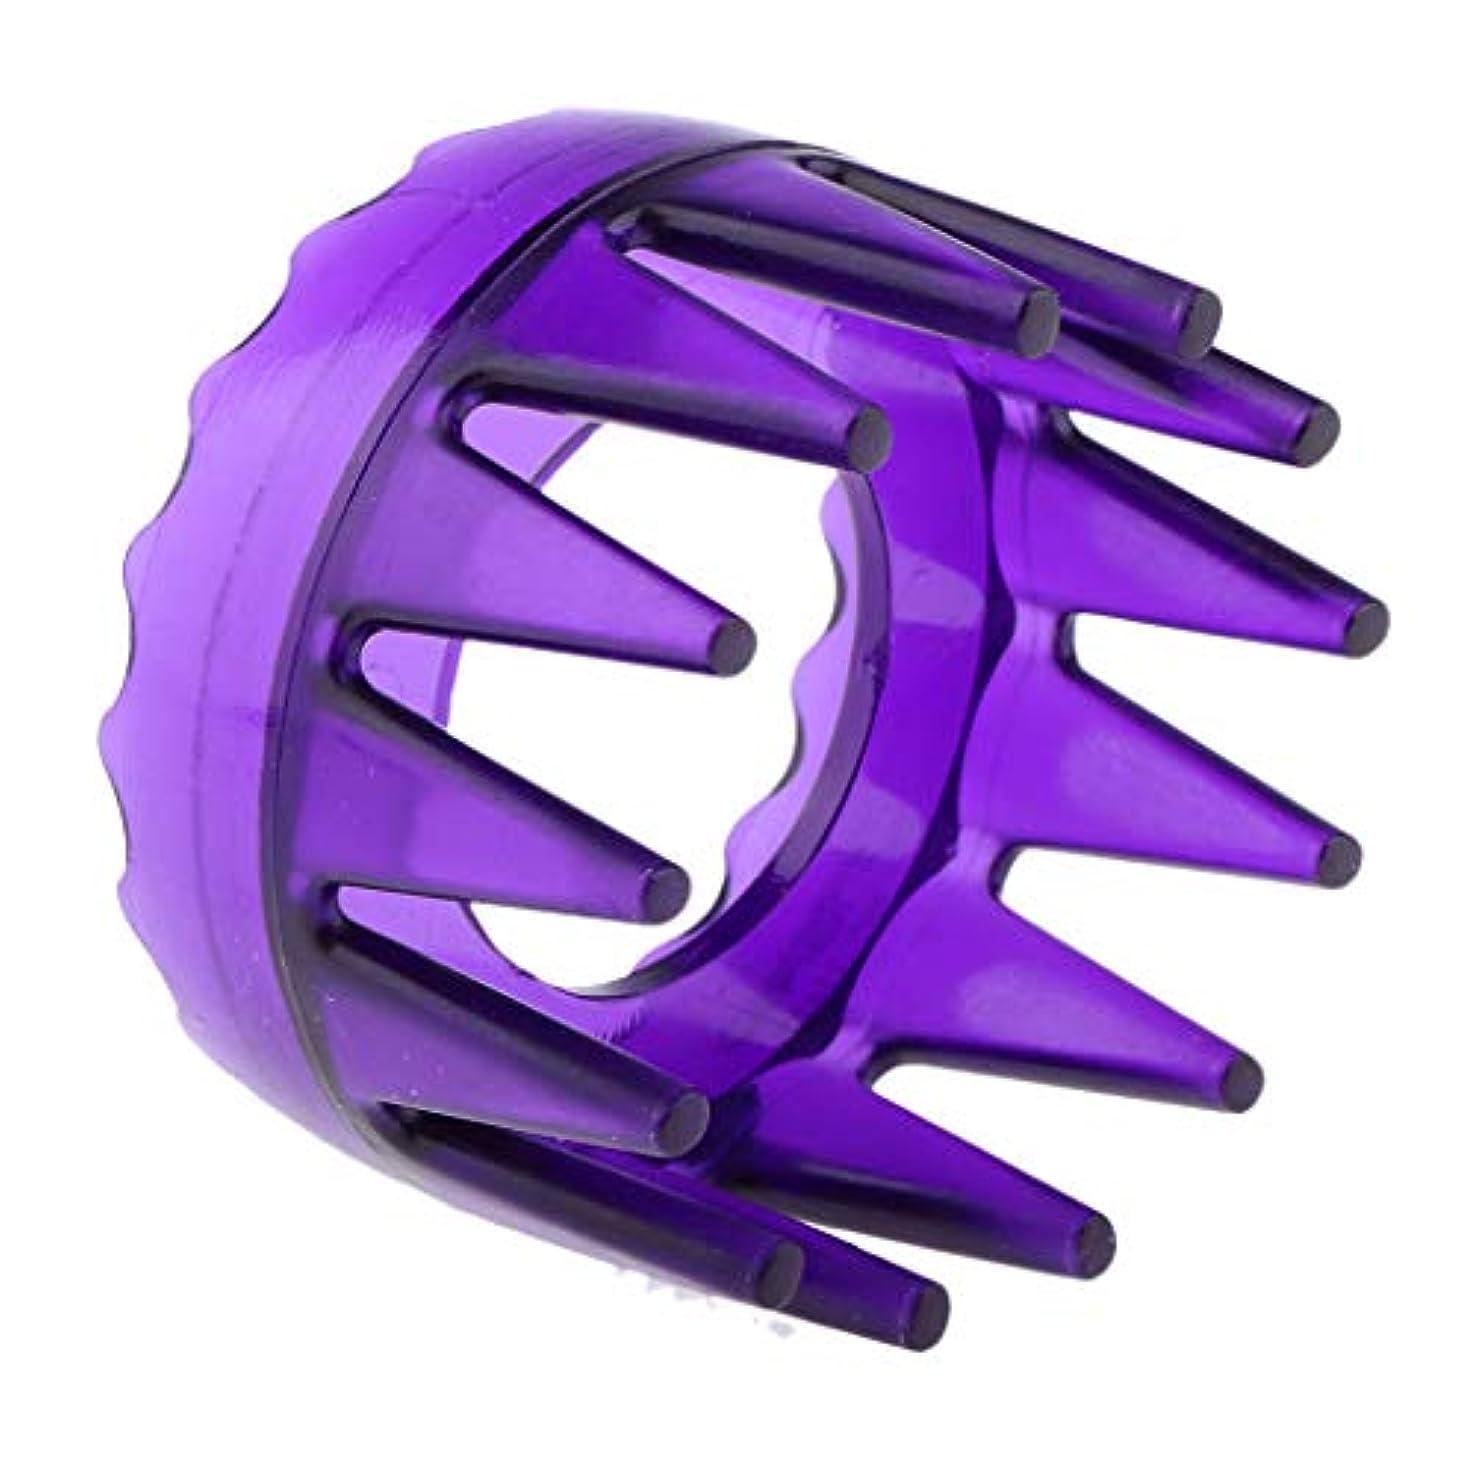 嵐が丘サイズ活性化B Blesiya 頭皮マッサージ シャワー シャンプー ヘアブラシ マッサージャー櫛 ユニセックス 4色選べ - 紫